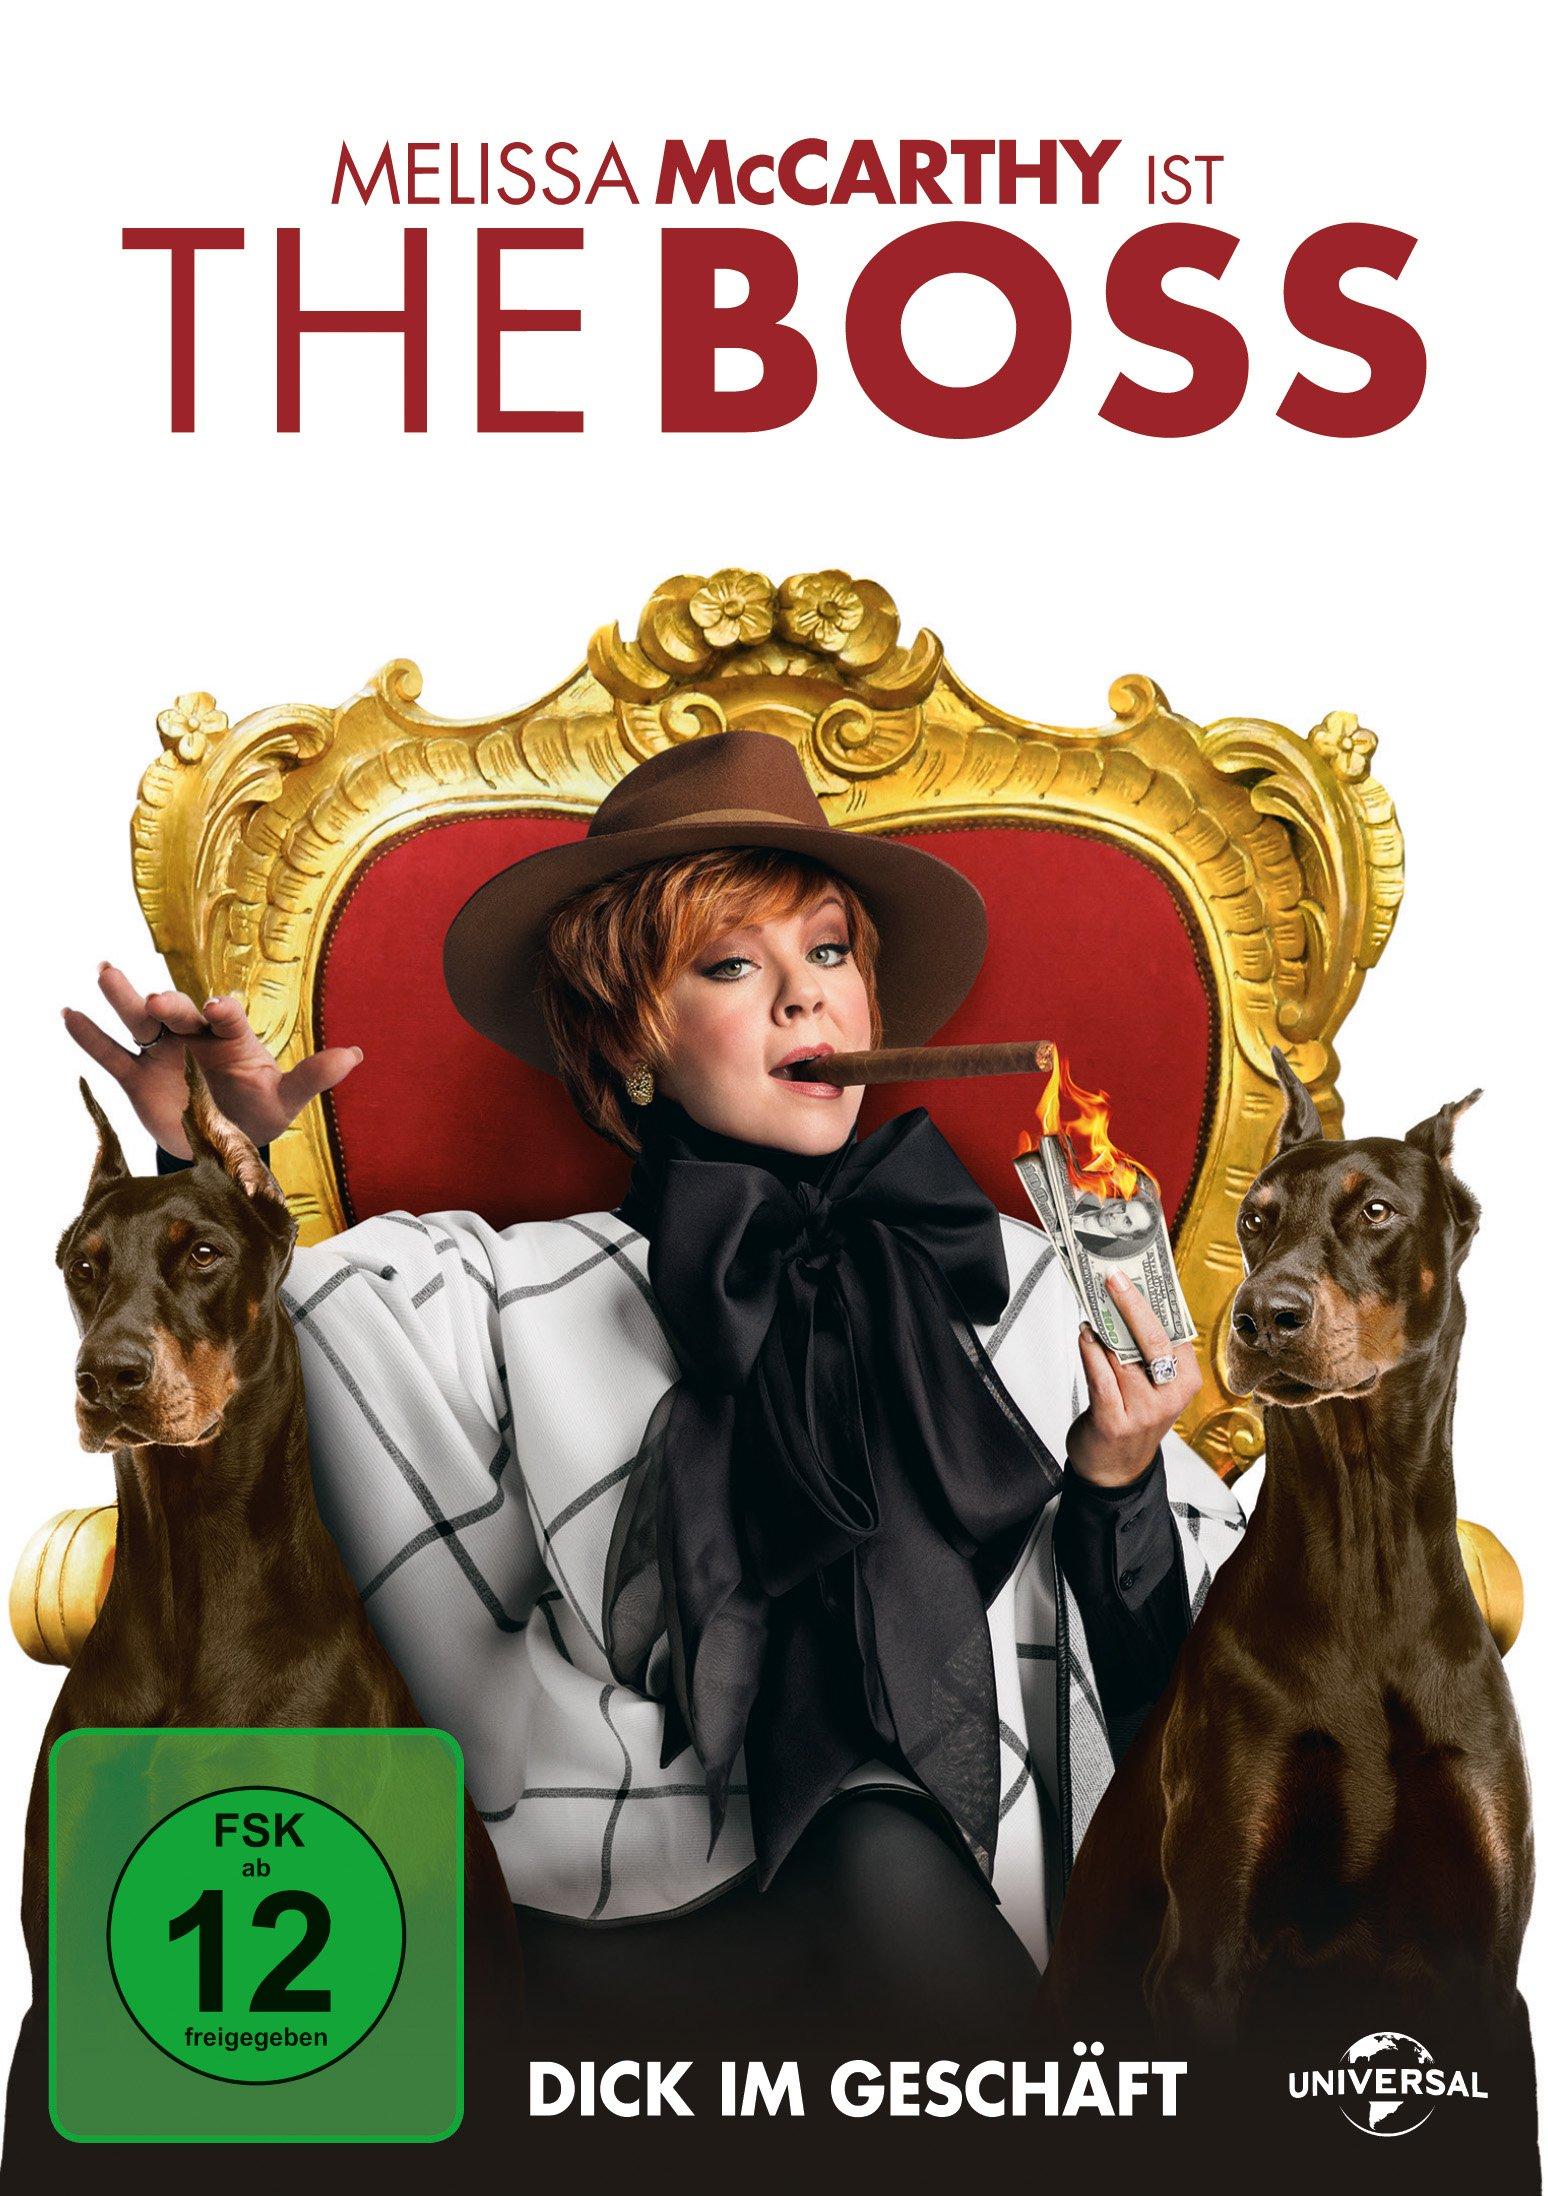 : The Boss Dick im Geschaeft German 2016 TheatriCal Ac3 BdriP x264-Etm